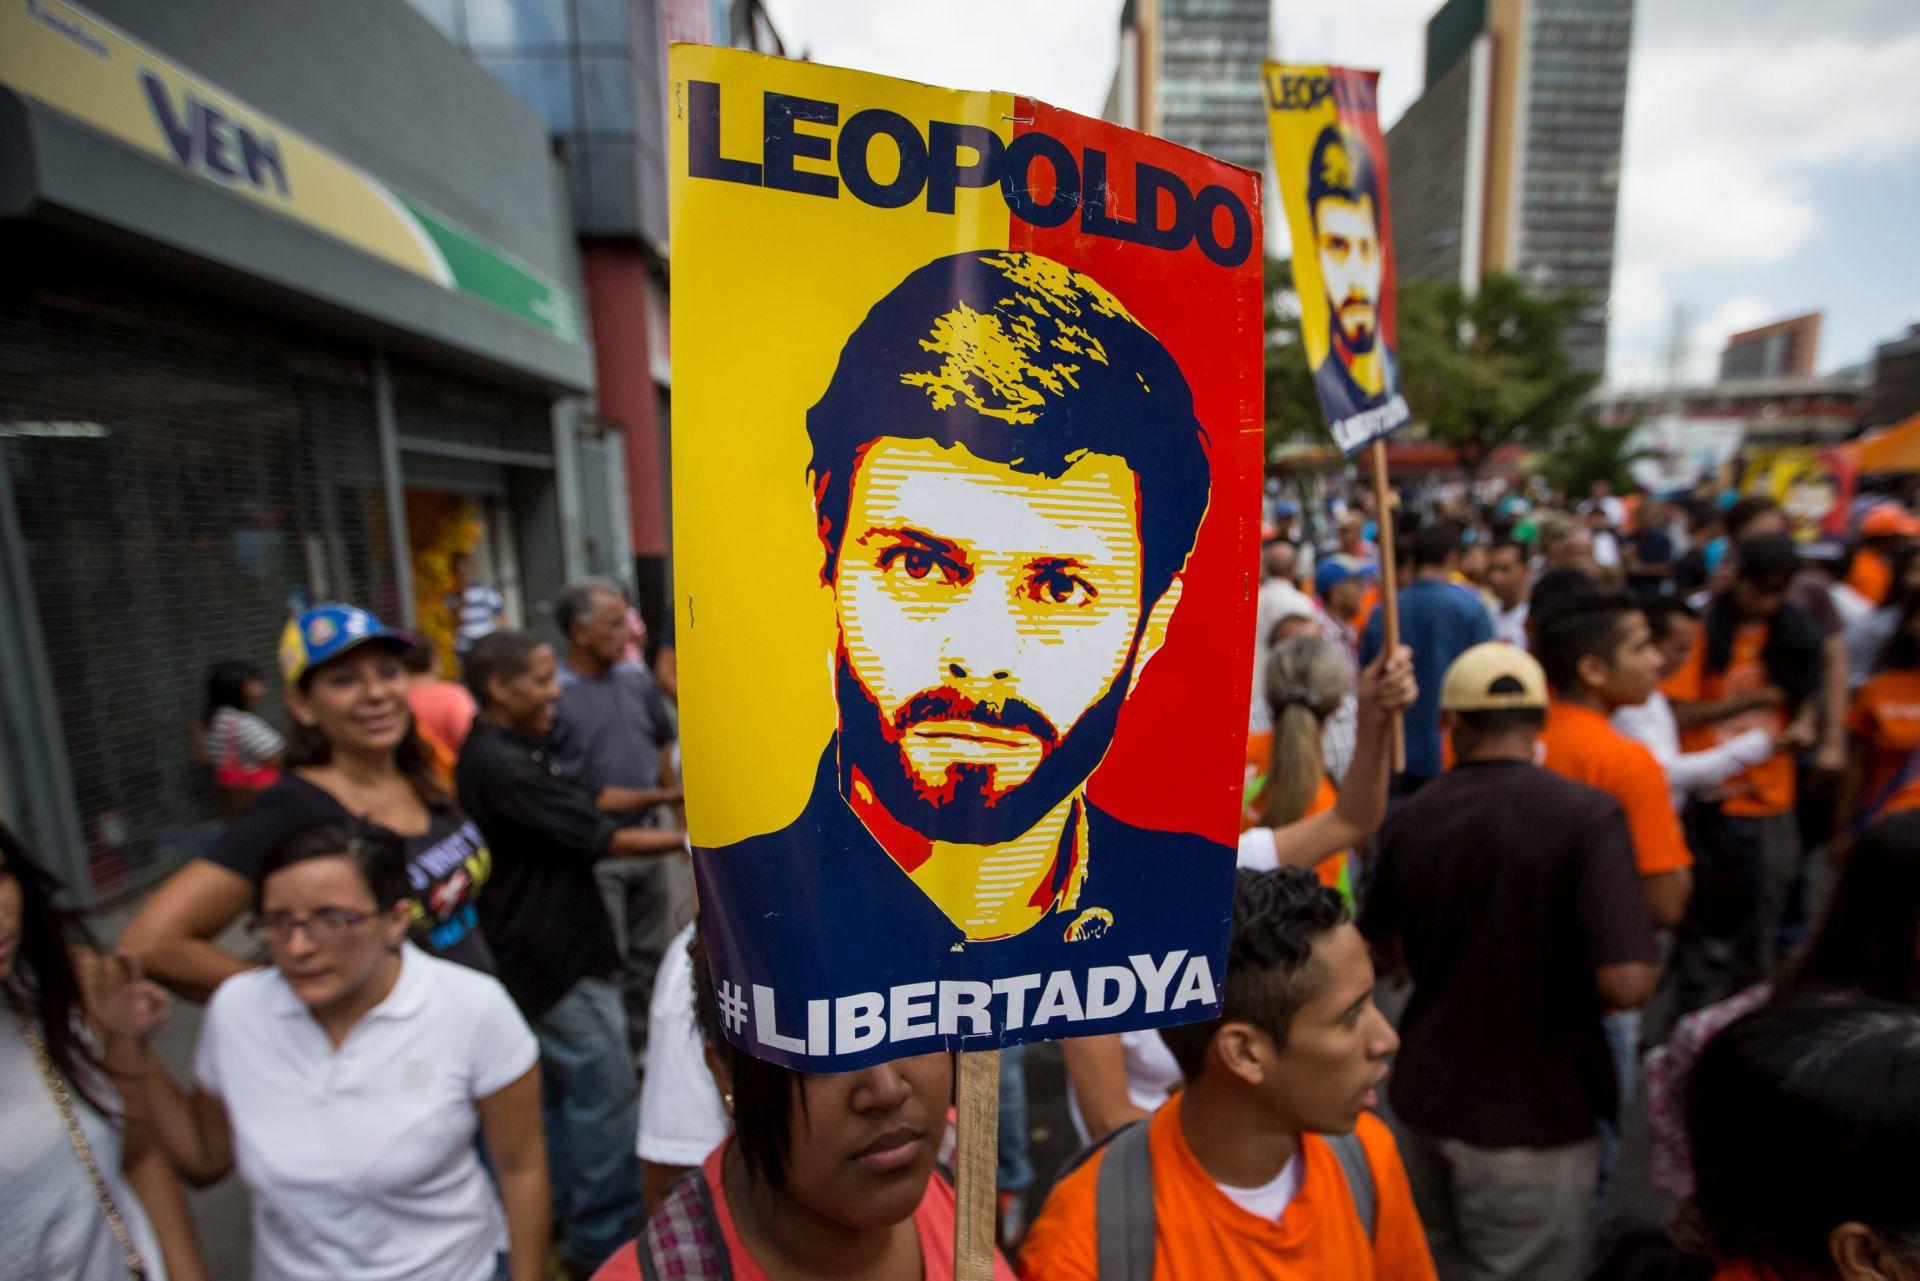 'POLITIČKO SUĐENJE': Oporbeni čelnik Lopez ostaje u zatvoru